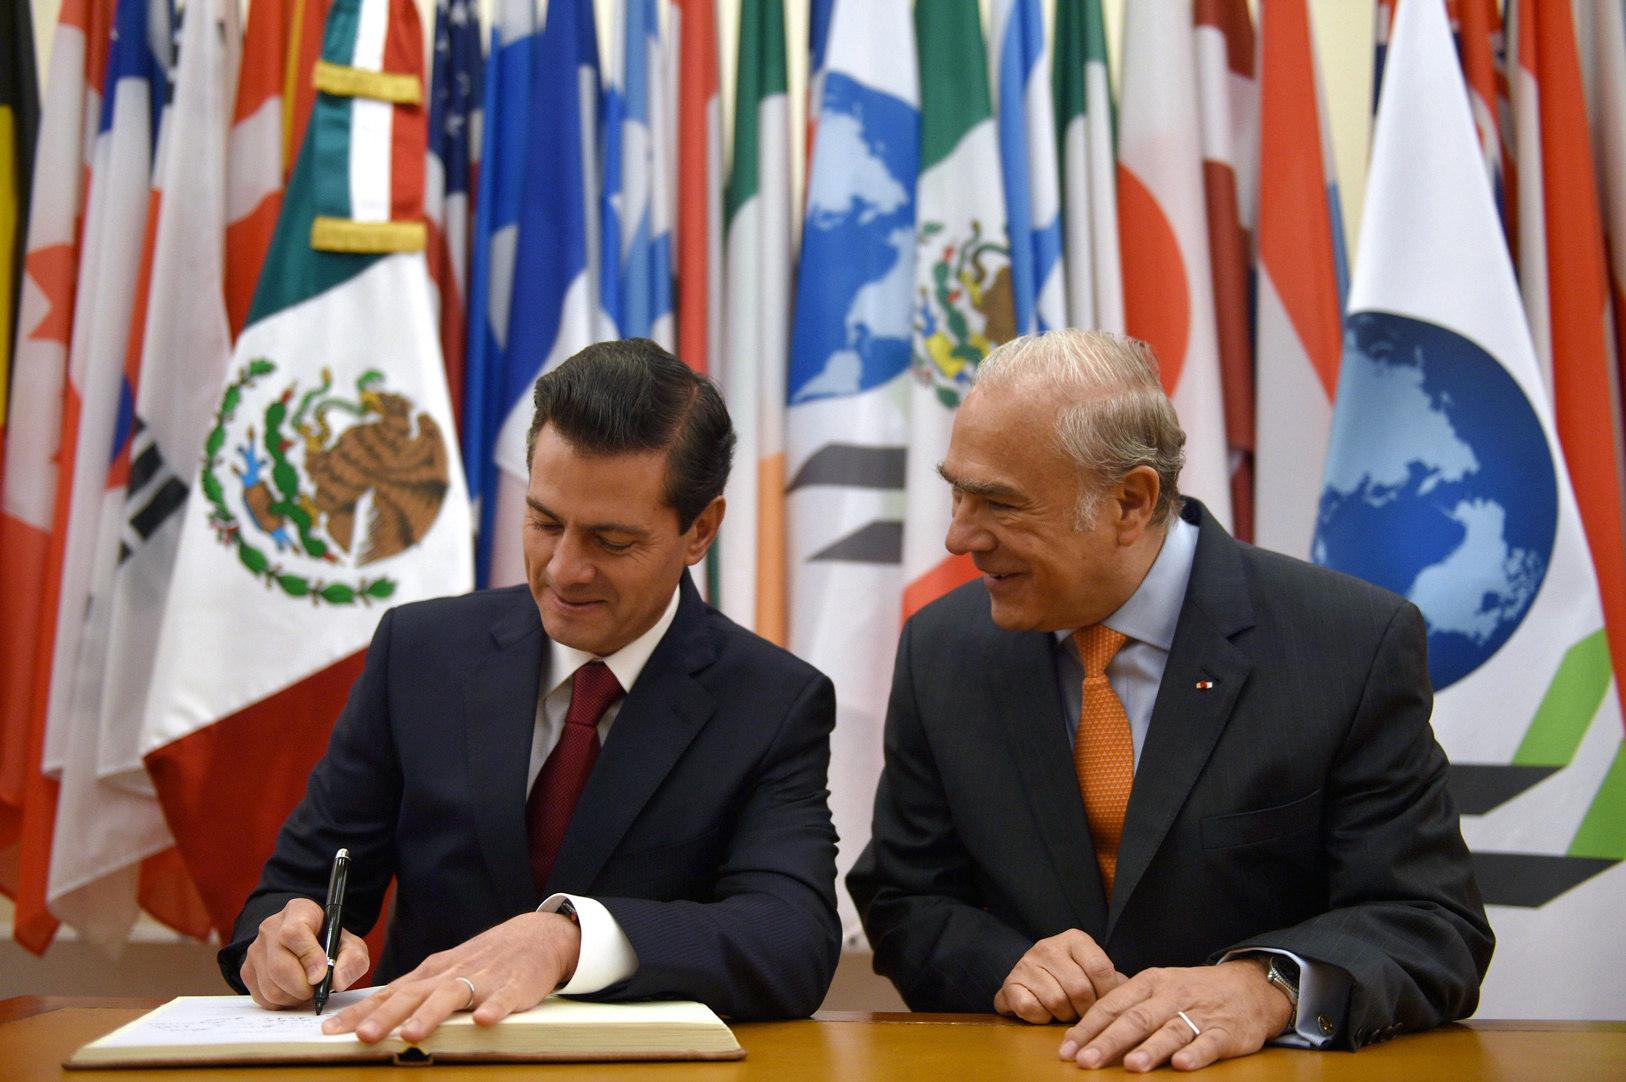 Peña viajará a Francia por Acuerdo de París